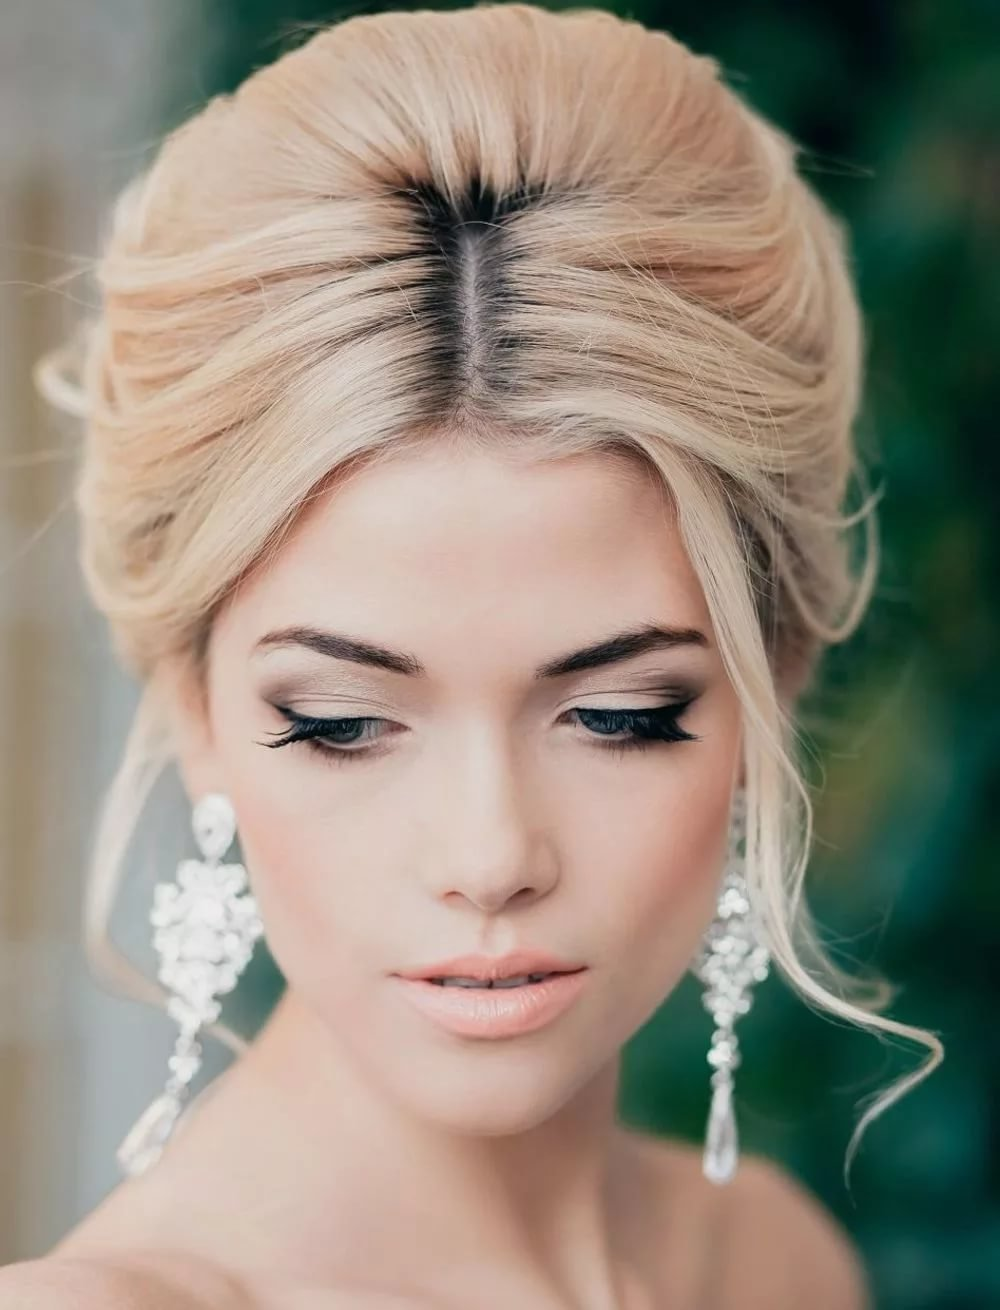 Вечерний макияж: пошагово с фото и описанием - Мир Позитива